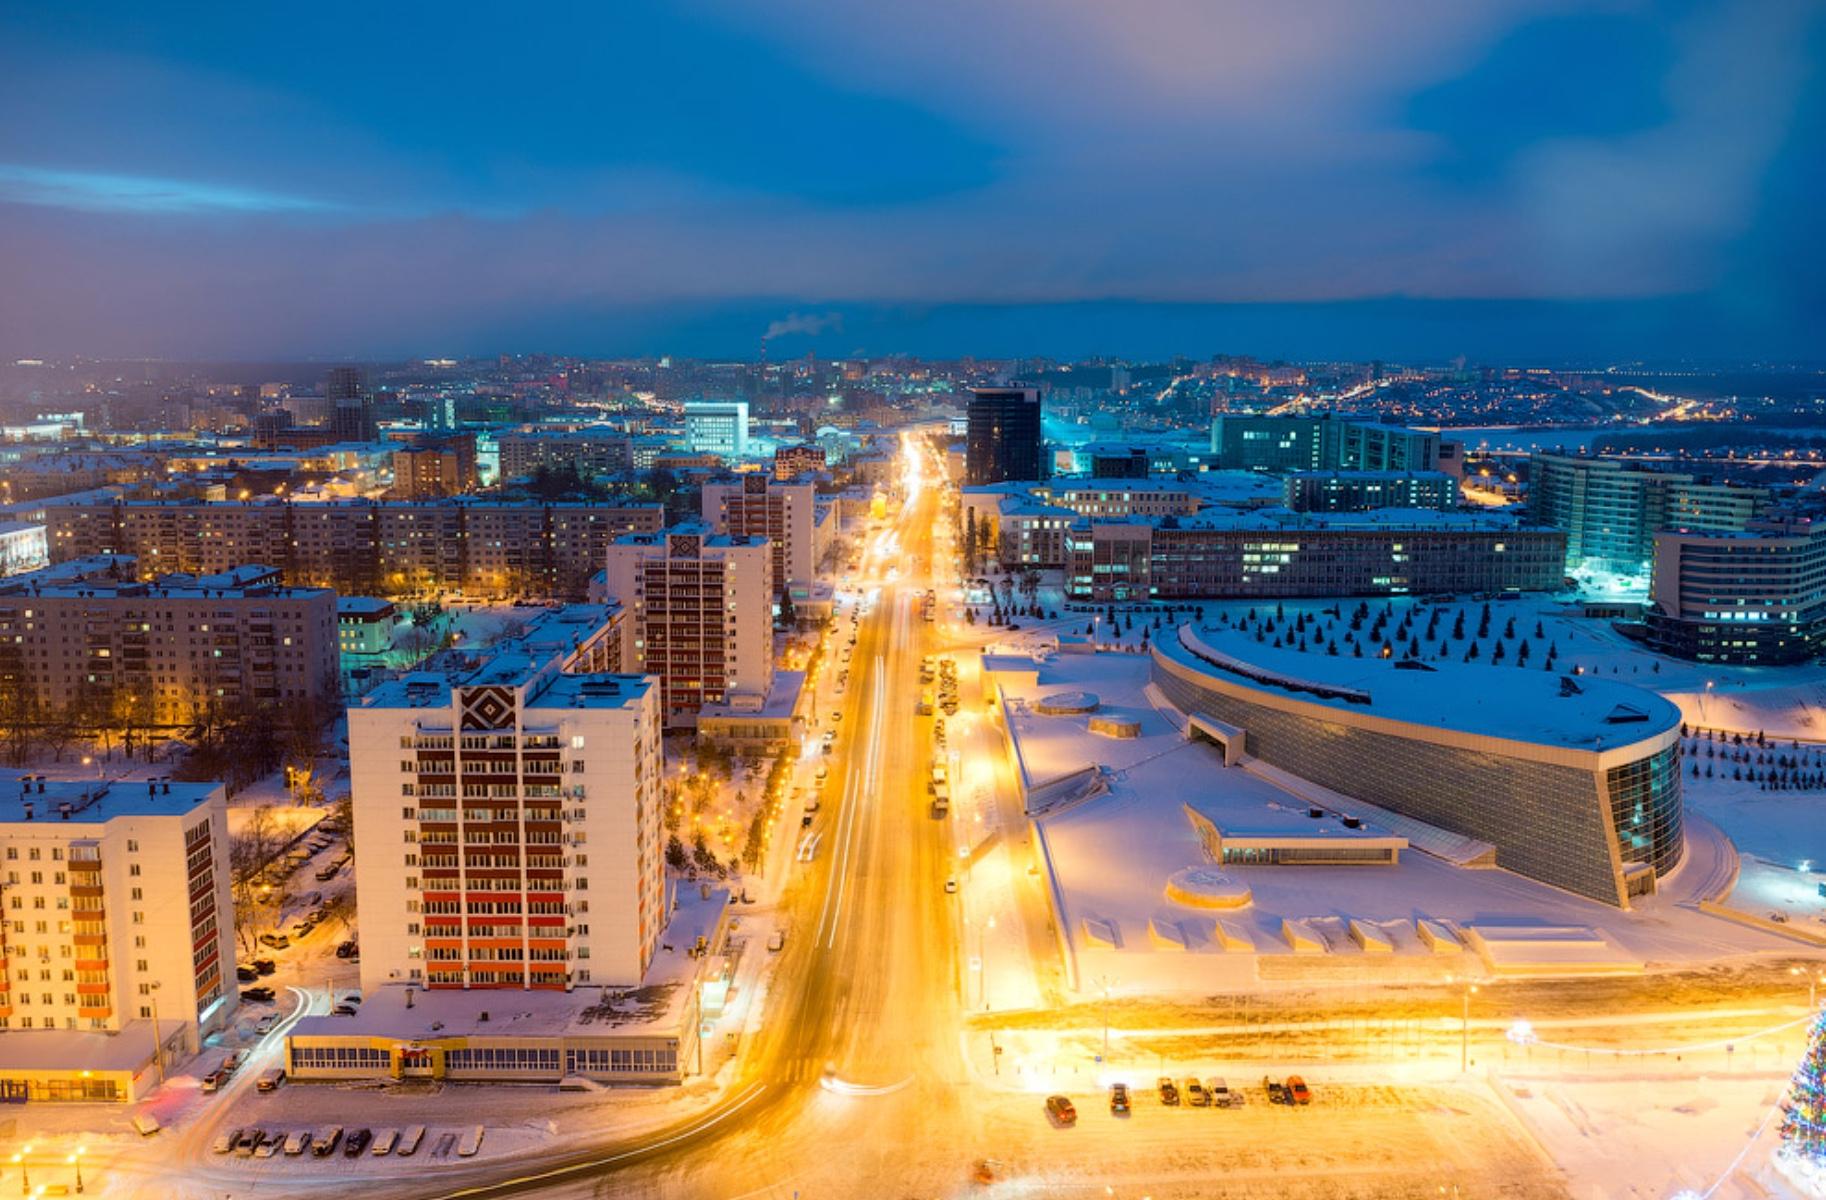 Численность Башкирии сократилась на 4 миллиона